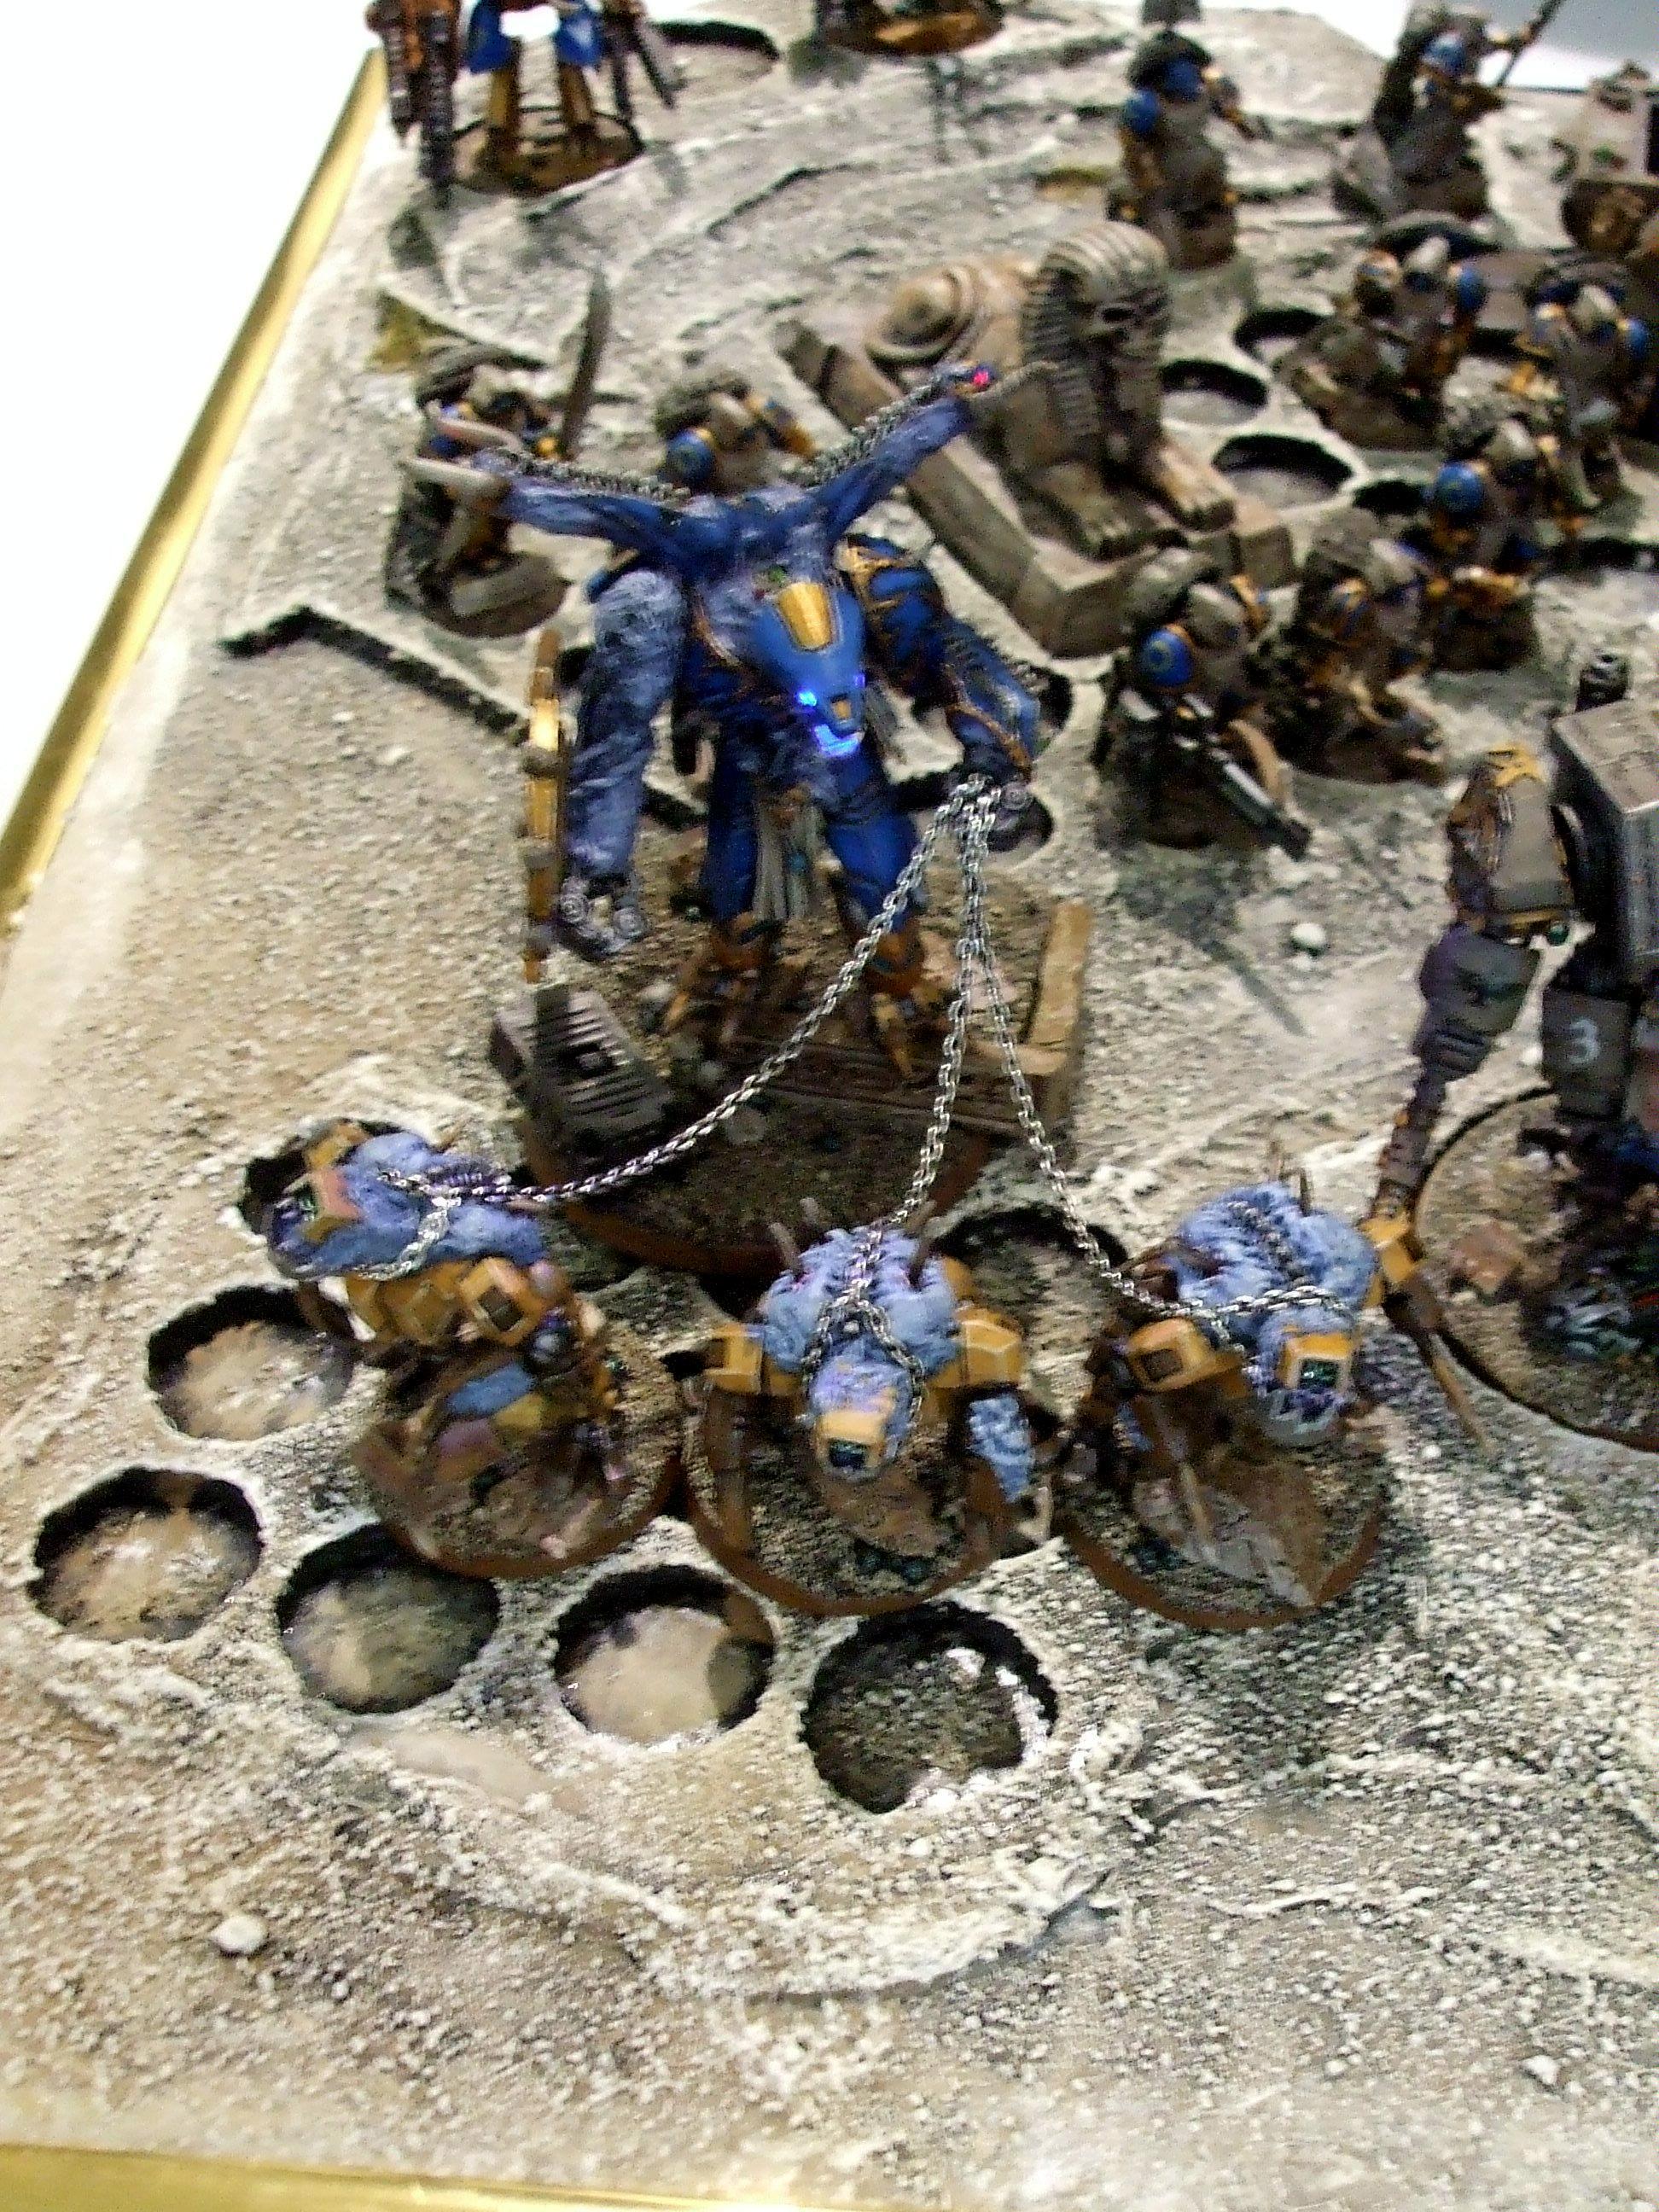 Grand Tournament, Riddic, St Valentines Day Massacre